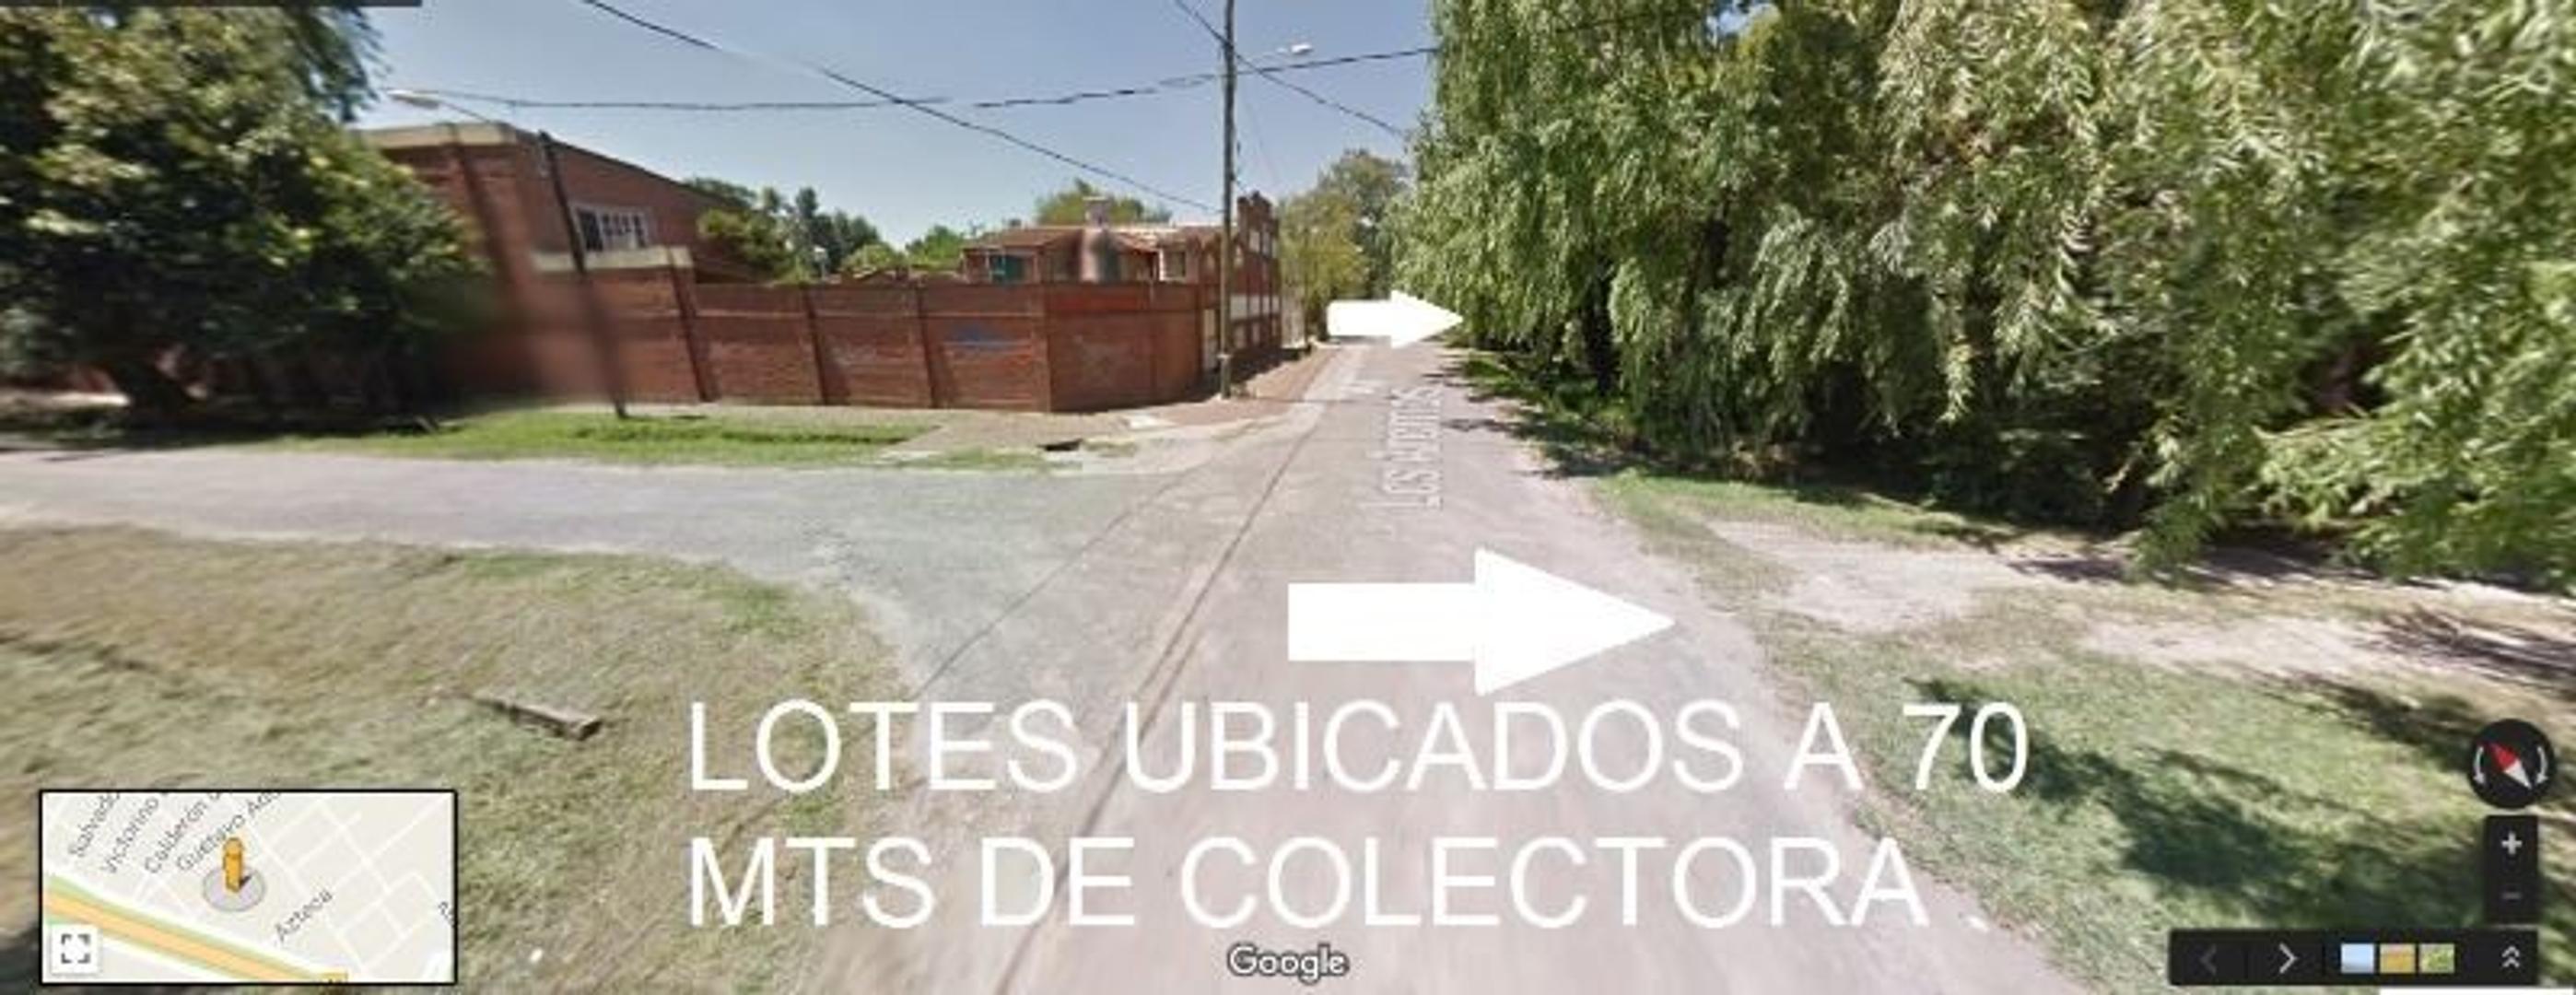 OPORTUNIDAD!! 4 LOTES EN ZONA DE INGRESO AL COUNTRY SAN DIEGO Y BANCO PROVINCIA, A MTS DE COLECTORA